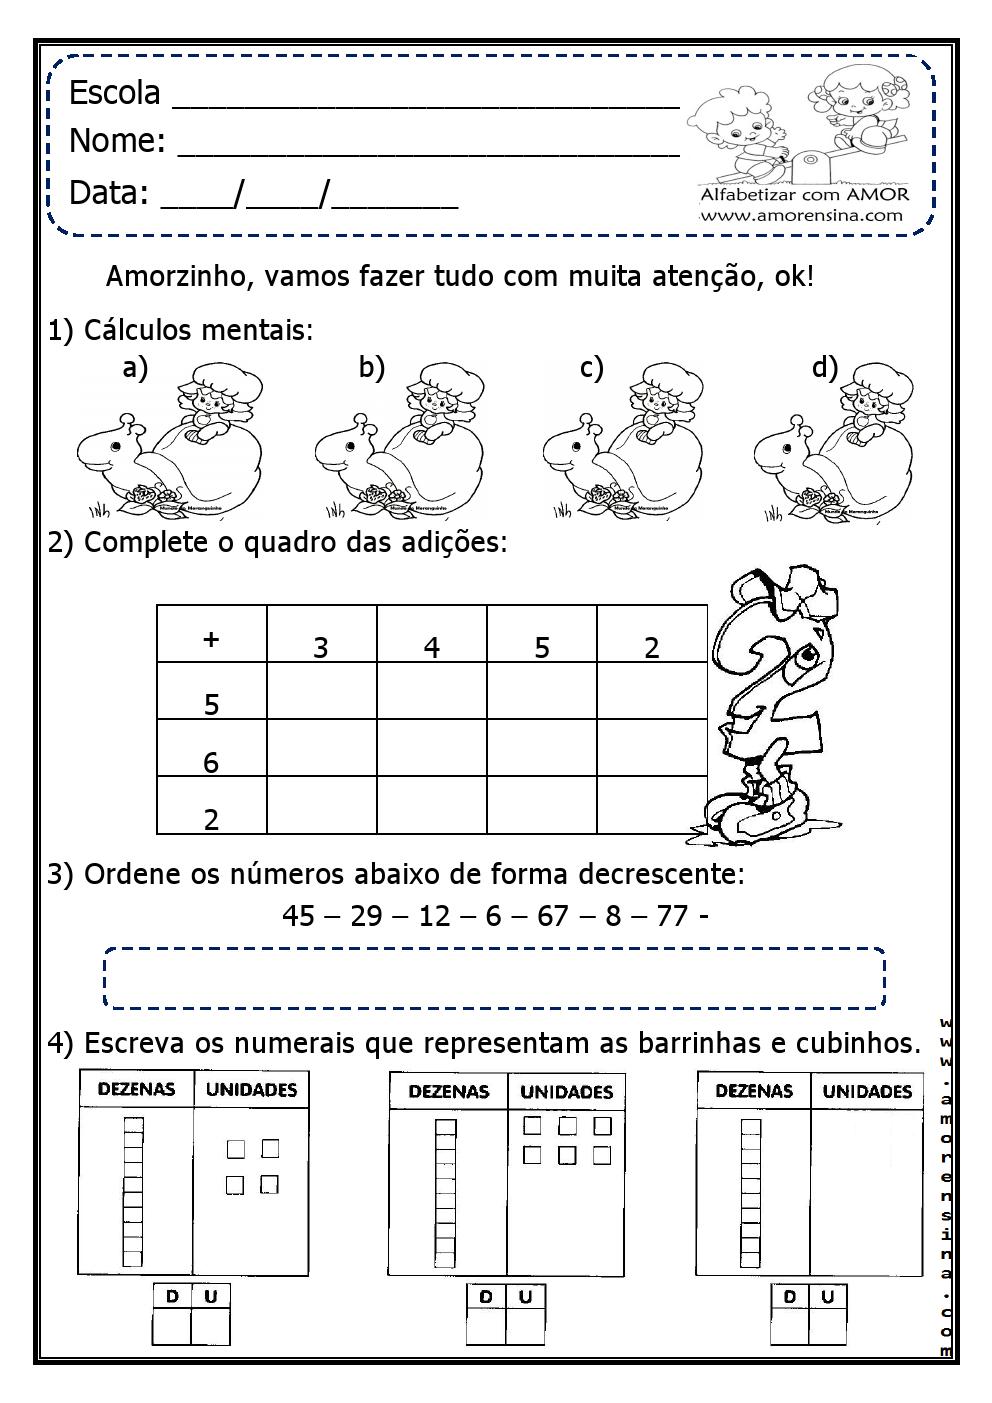 Atividades De Matemática 2º Ano Todas As Atividades Aqui Postadas